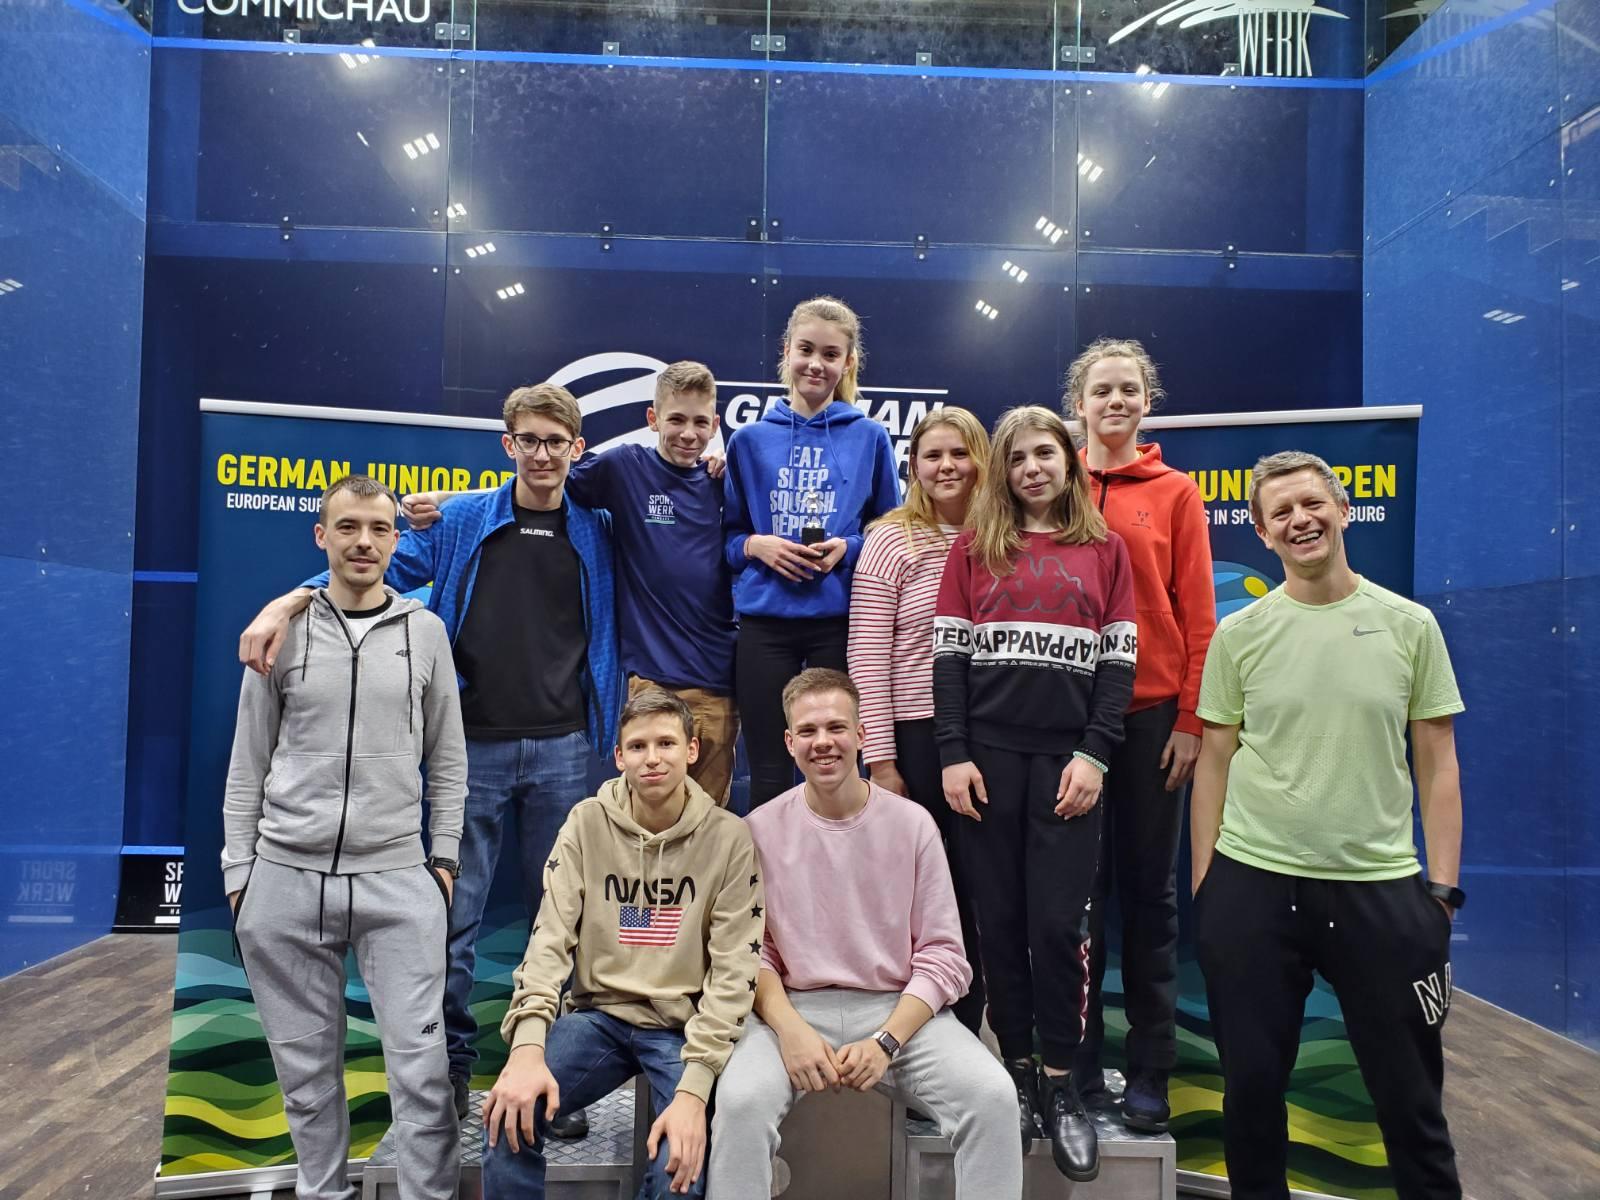 German Junior Open 2020: Христина Бегеба взяла бронзу на турнірі супер серії